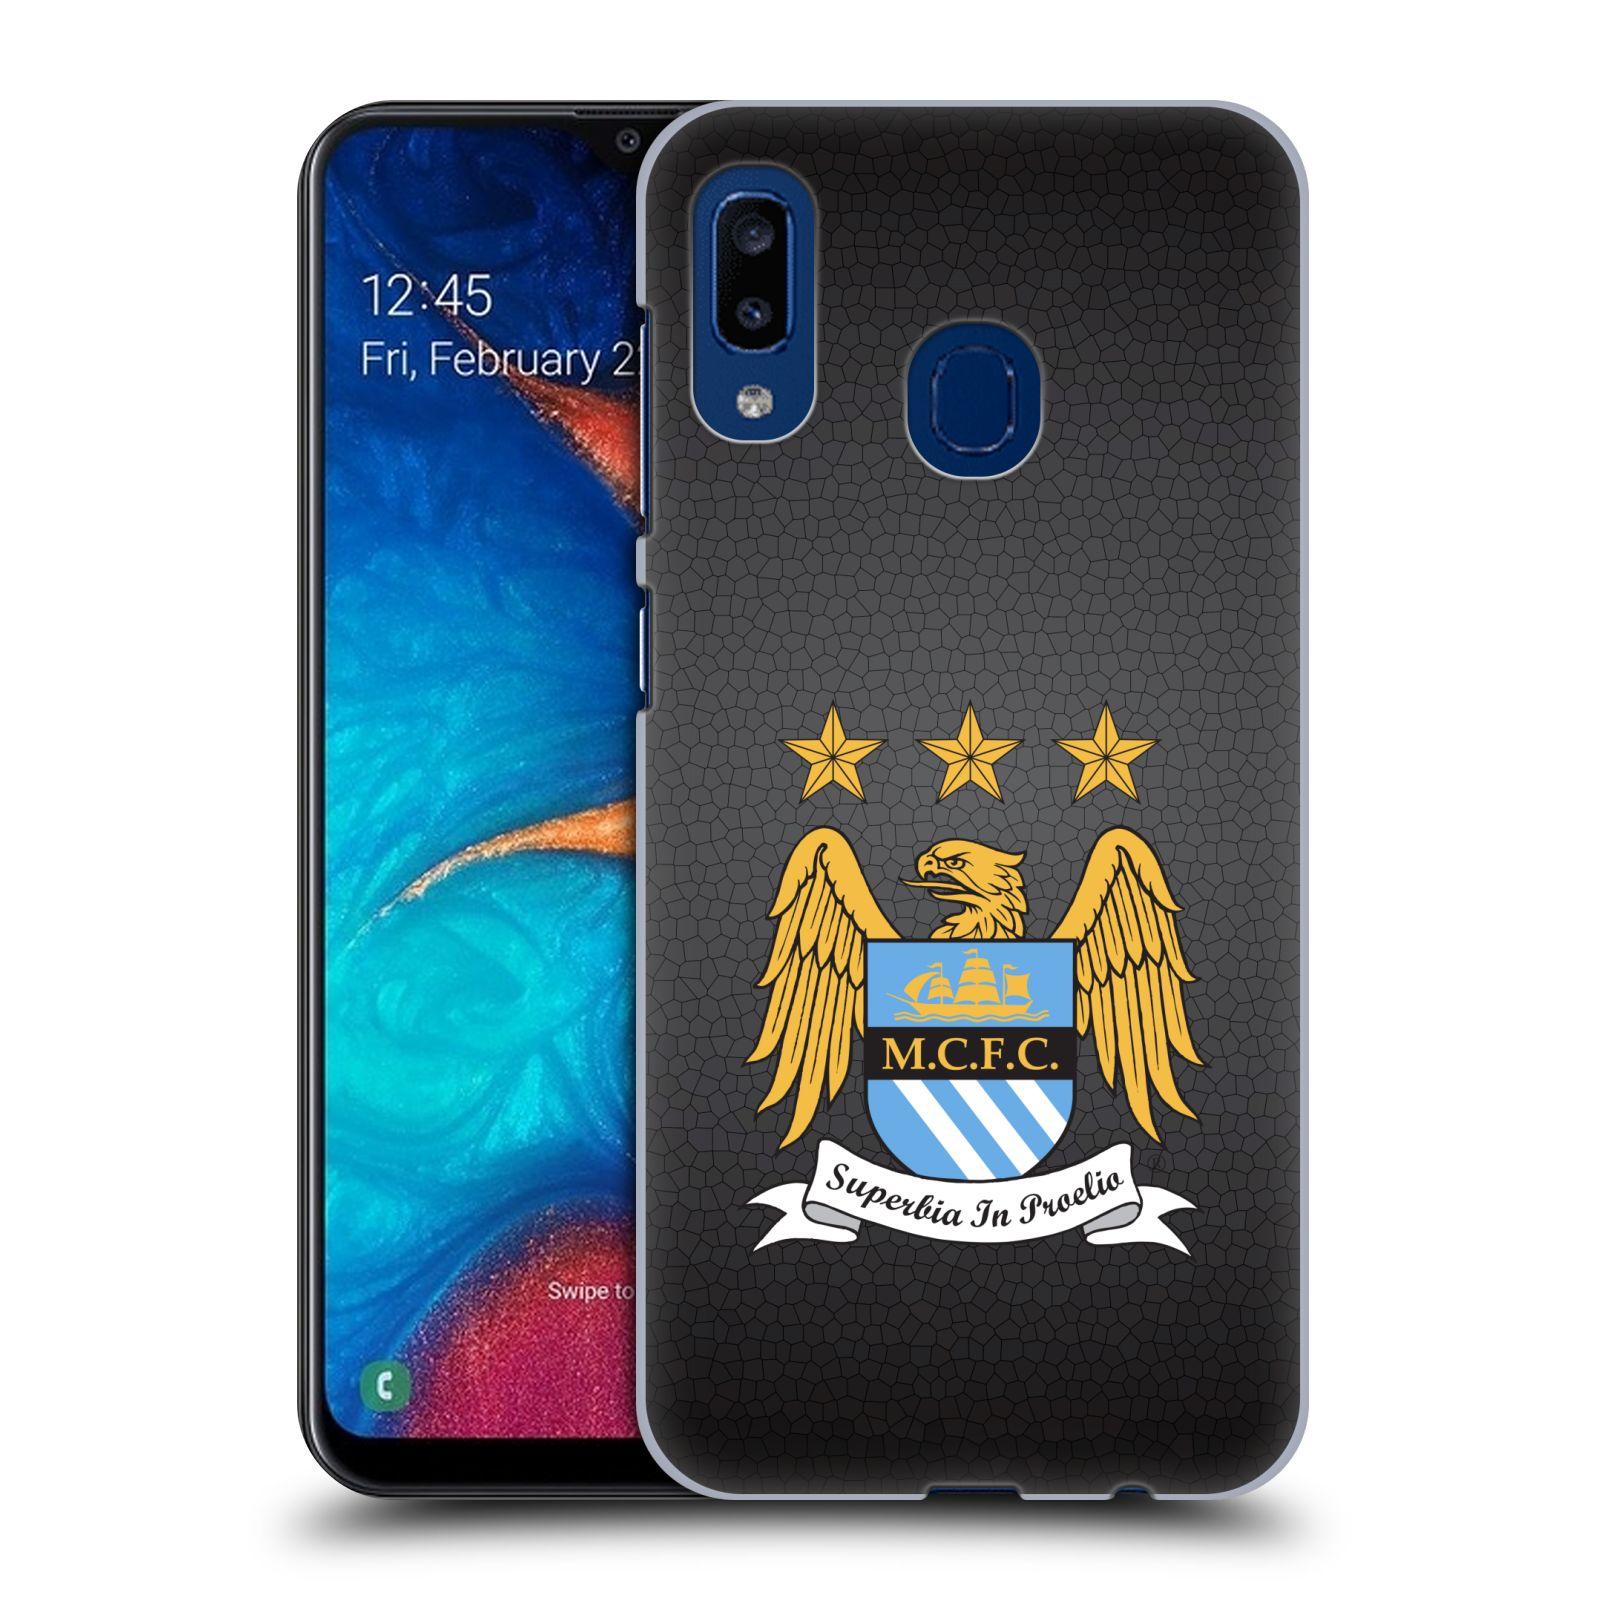 Plastové pouzdro na mobil Samsung Galaxy A20 - Head Case - Manchester City FC - Superbia In Proelio